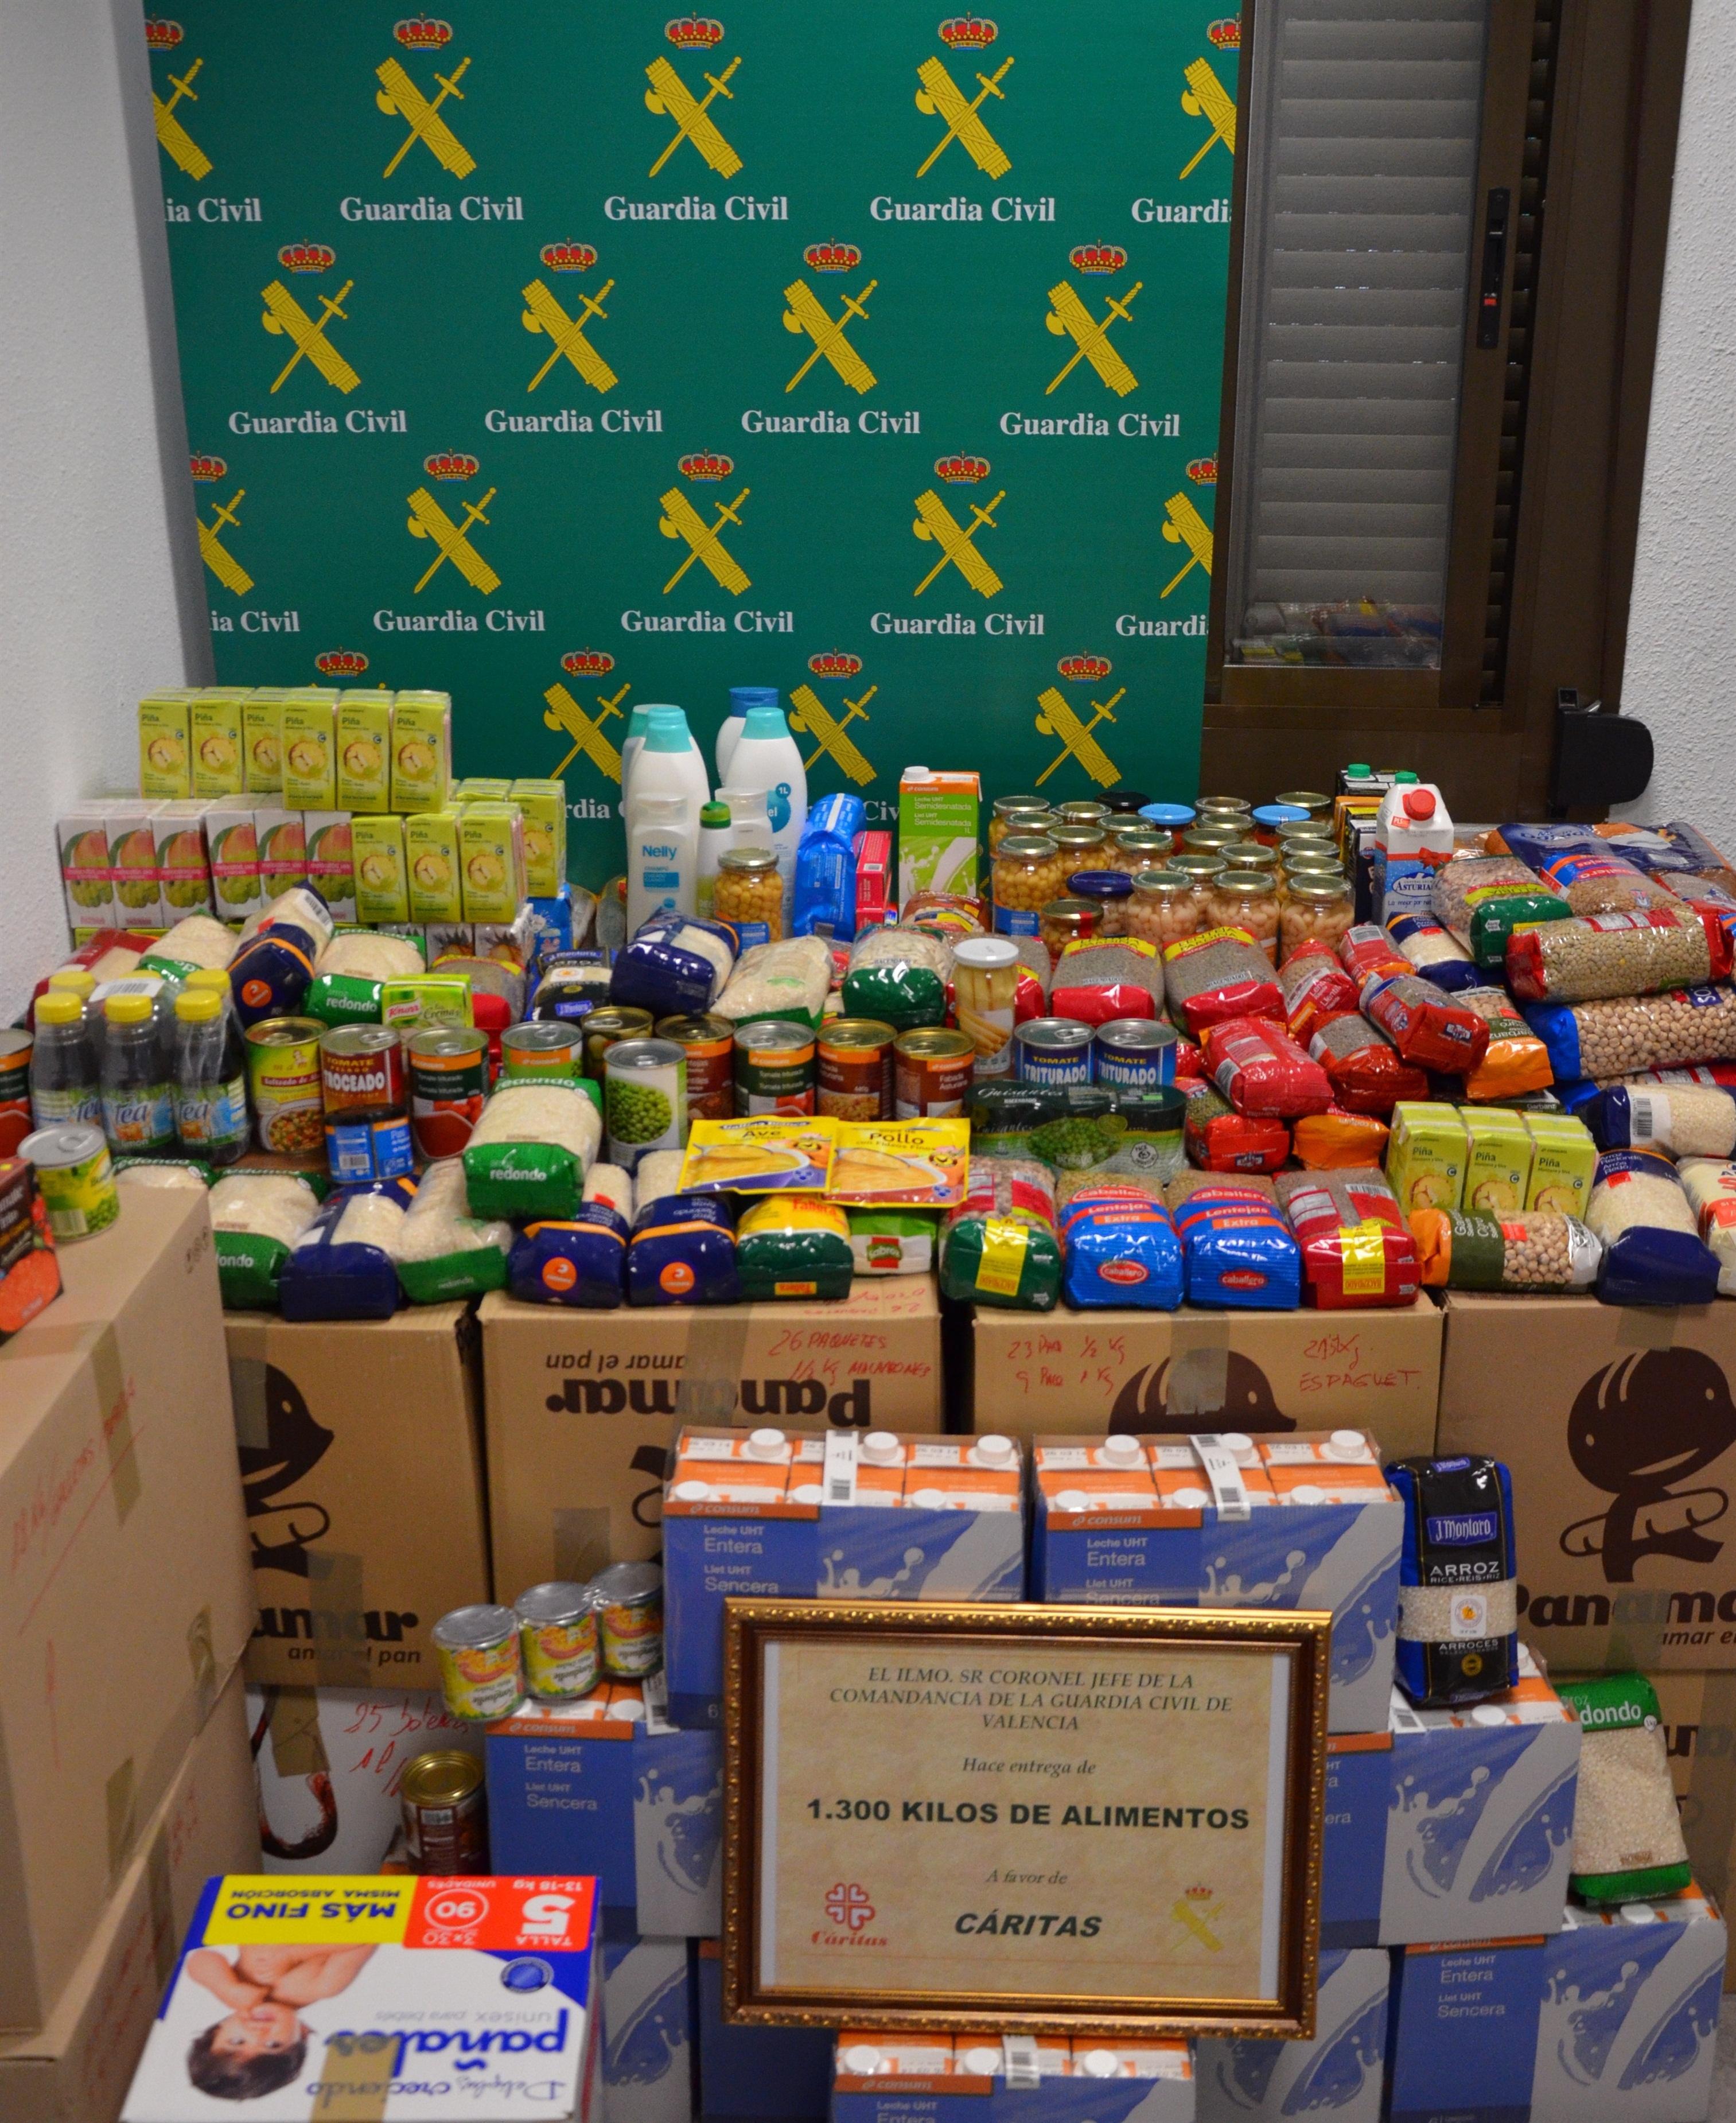 La Guardia Civil de Valencia entrega 1.300 kilos de alimentos a beneficio de Cáritas